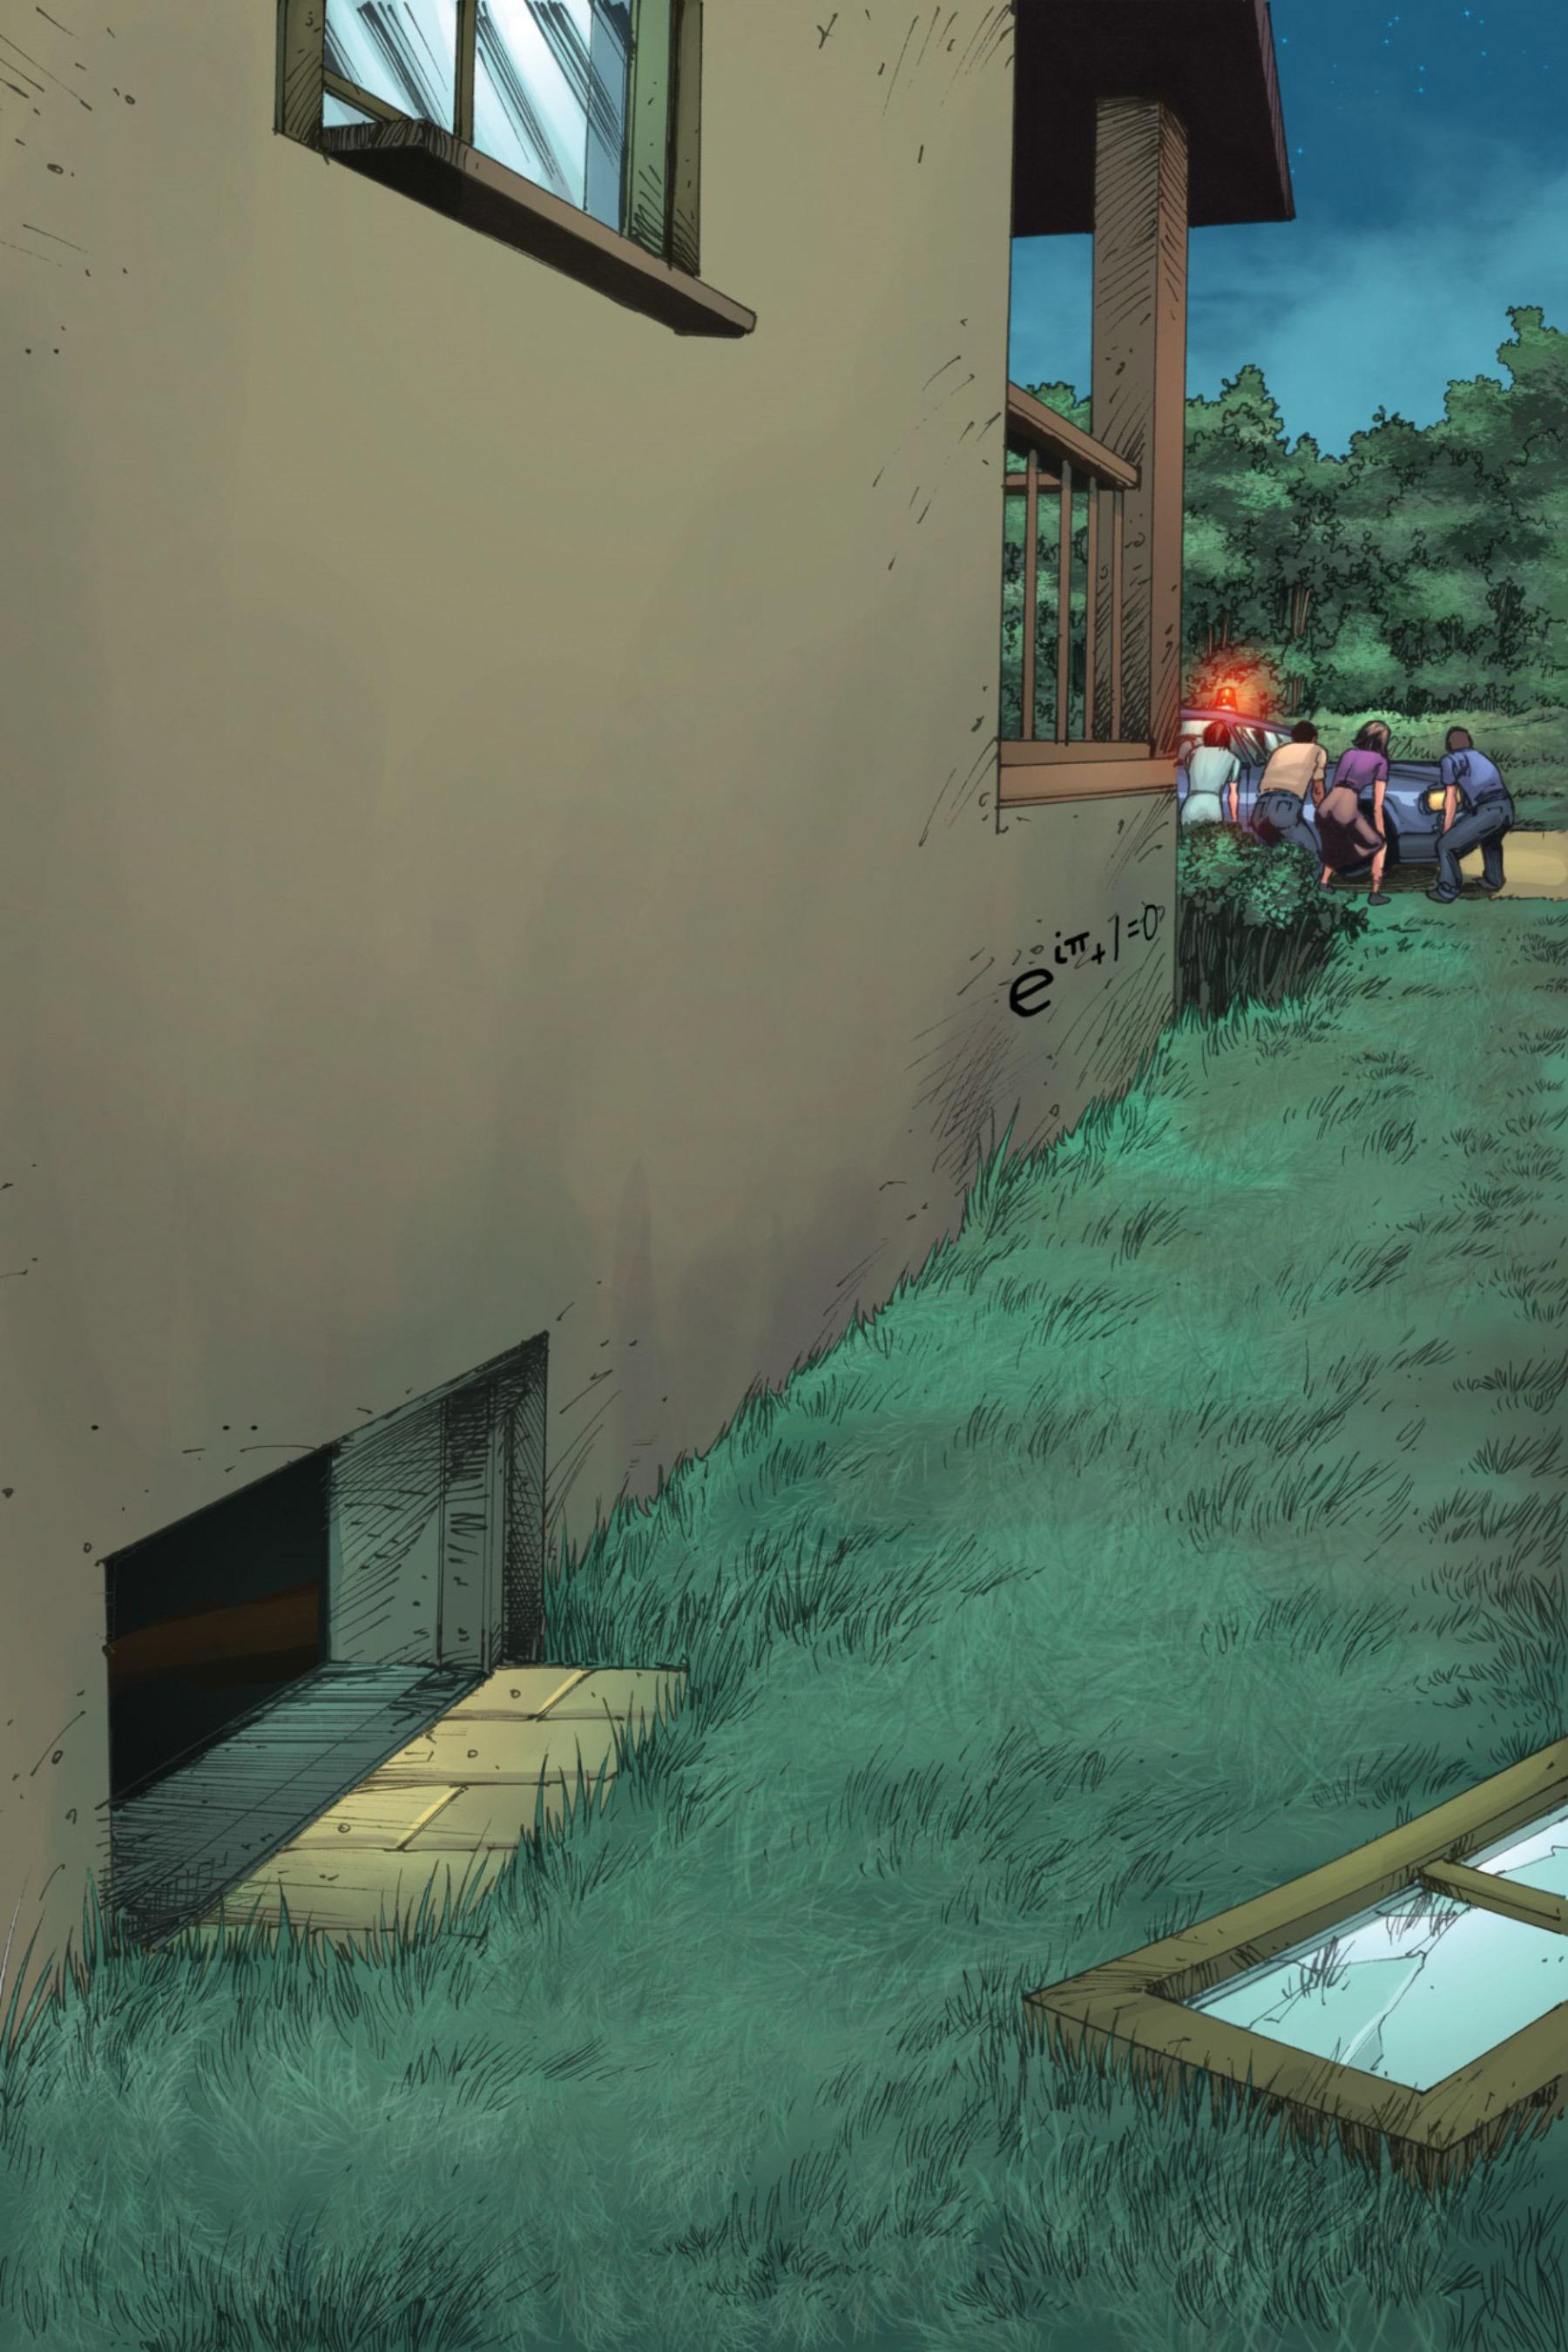 Read online Z-Men comic -  Issue #3 - 116